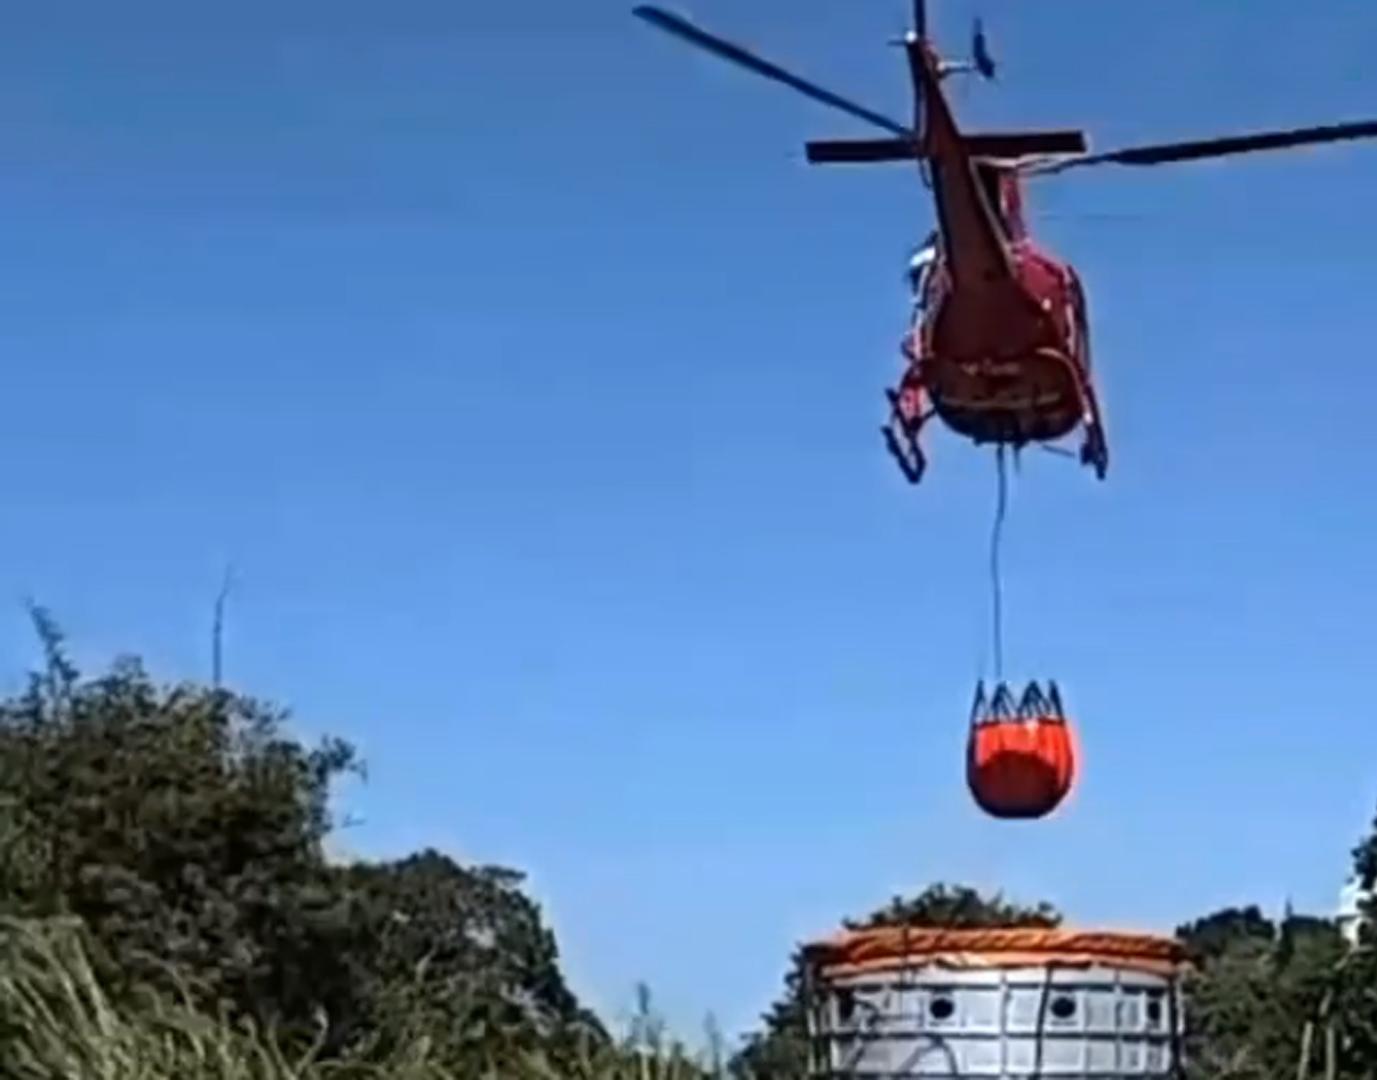 helicóptero do corpo de bombeiros capta água para jogar na mata